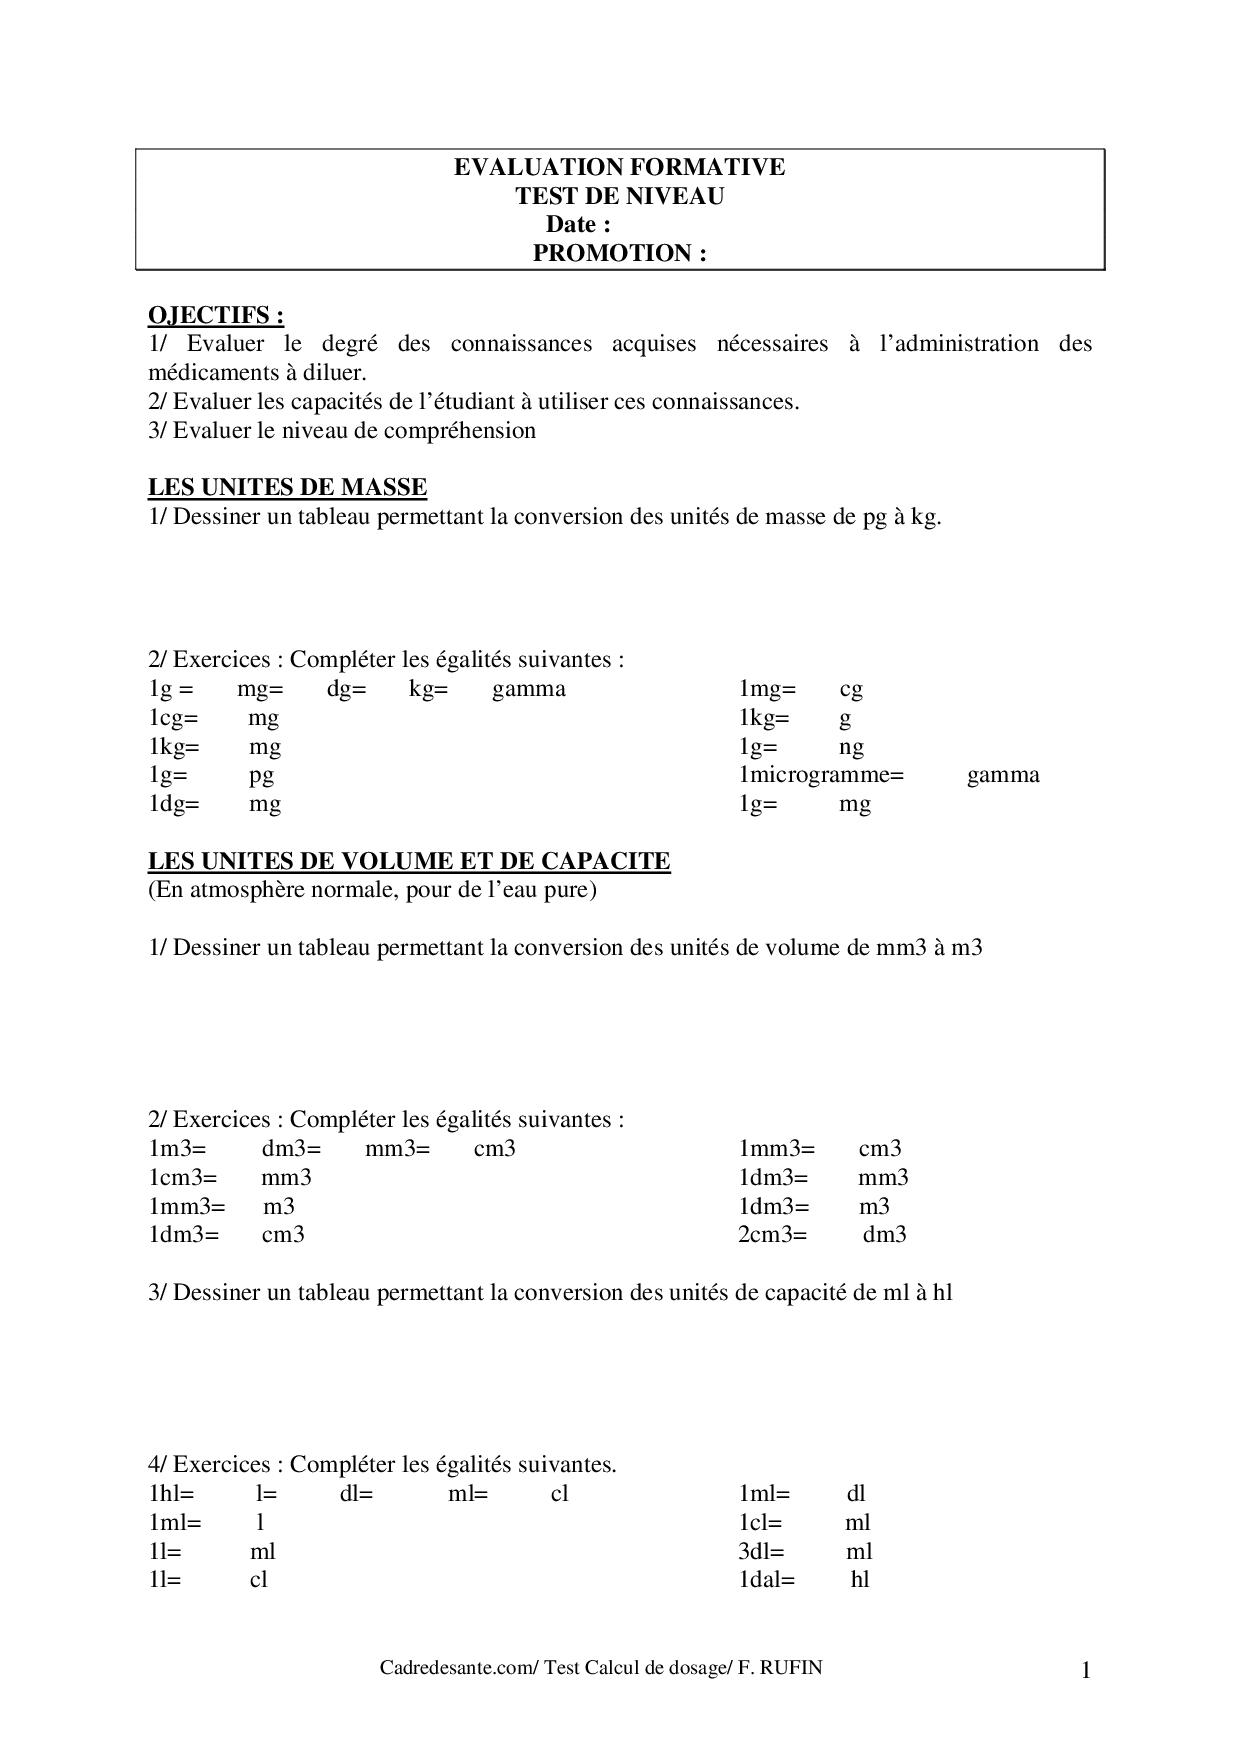 Évaluation Formative Calcul De Dosage - Docsity à Exercice Chiffre Romain